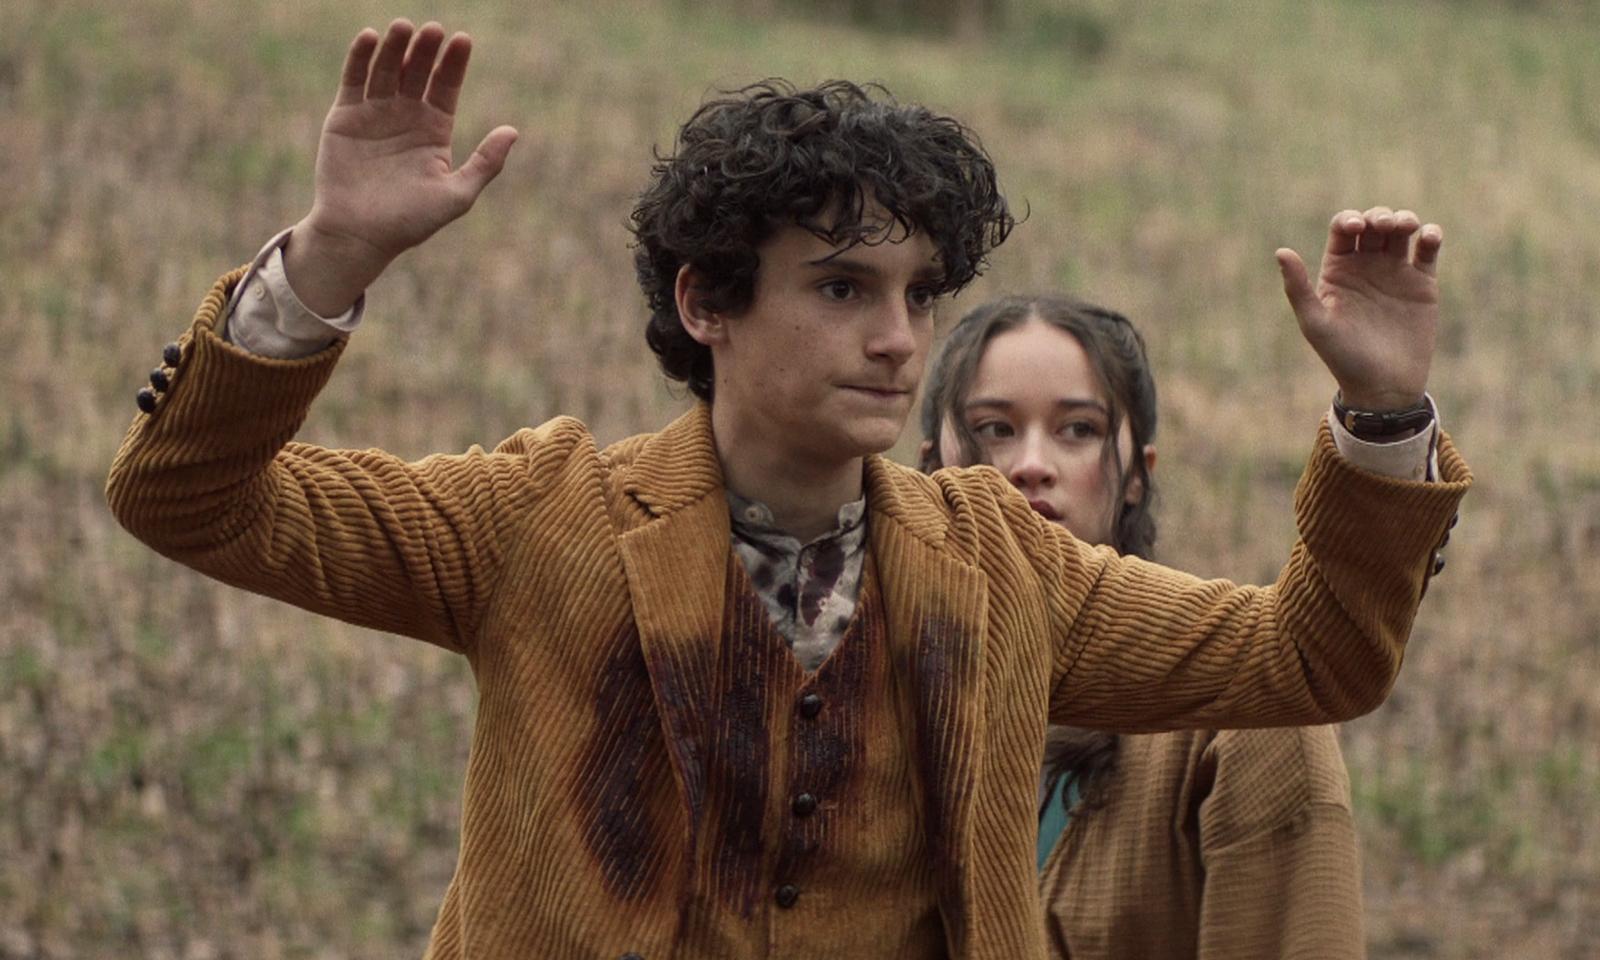 Elton com as mãos para cima no episódio 3 da 2ª temporada de The Walking Dead: World Beyond.